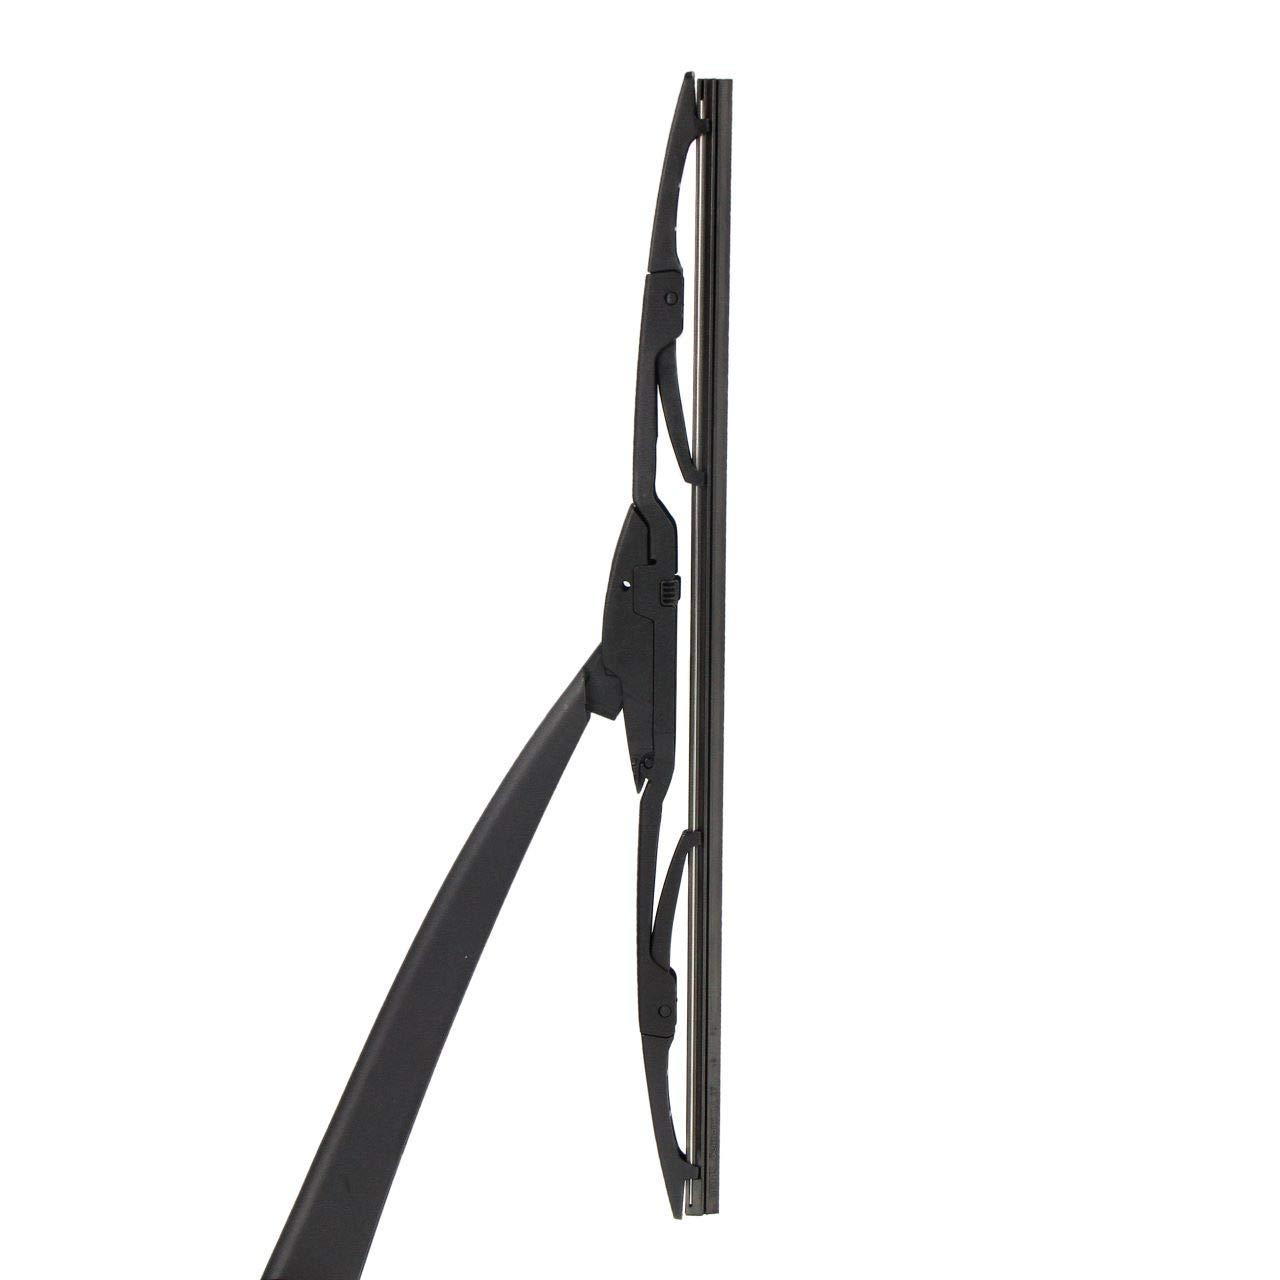 VAUXASGCC Calidad cl/ásico HEYNER escobilla trasera 16 400mm del limpiaparabrisas de sustituci/ón simple